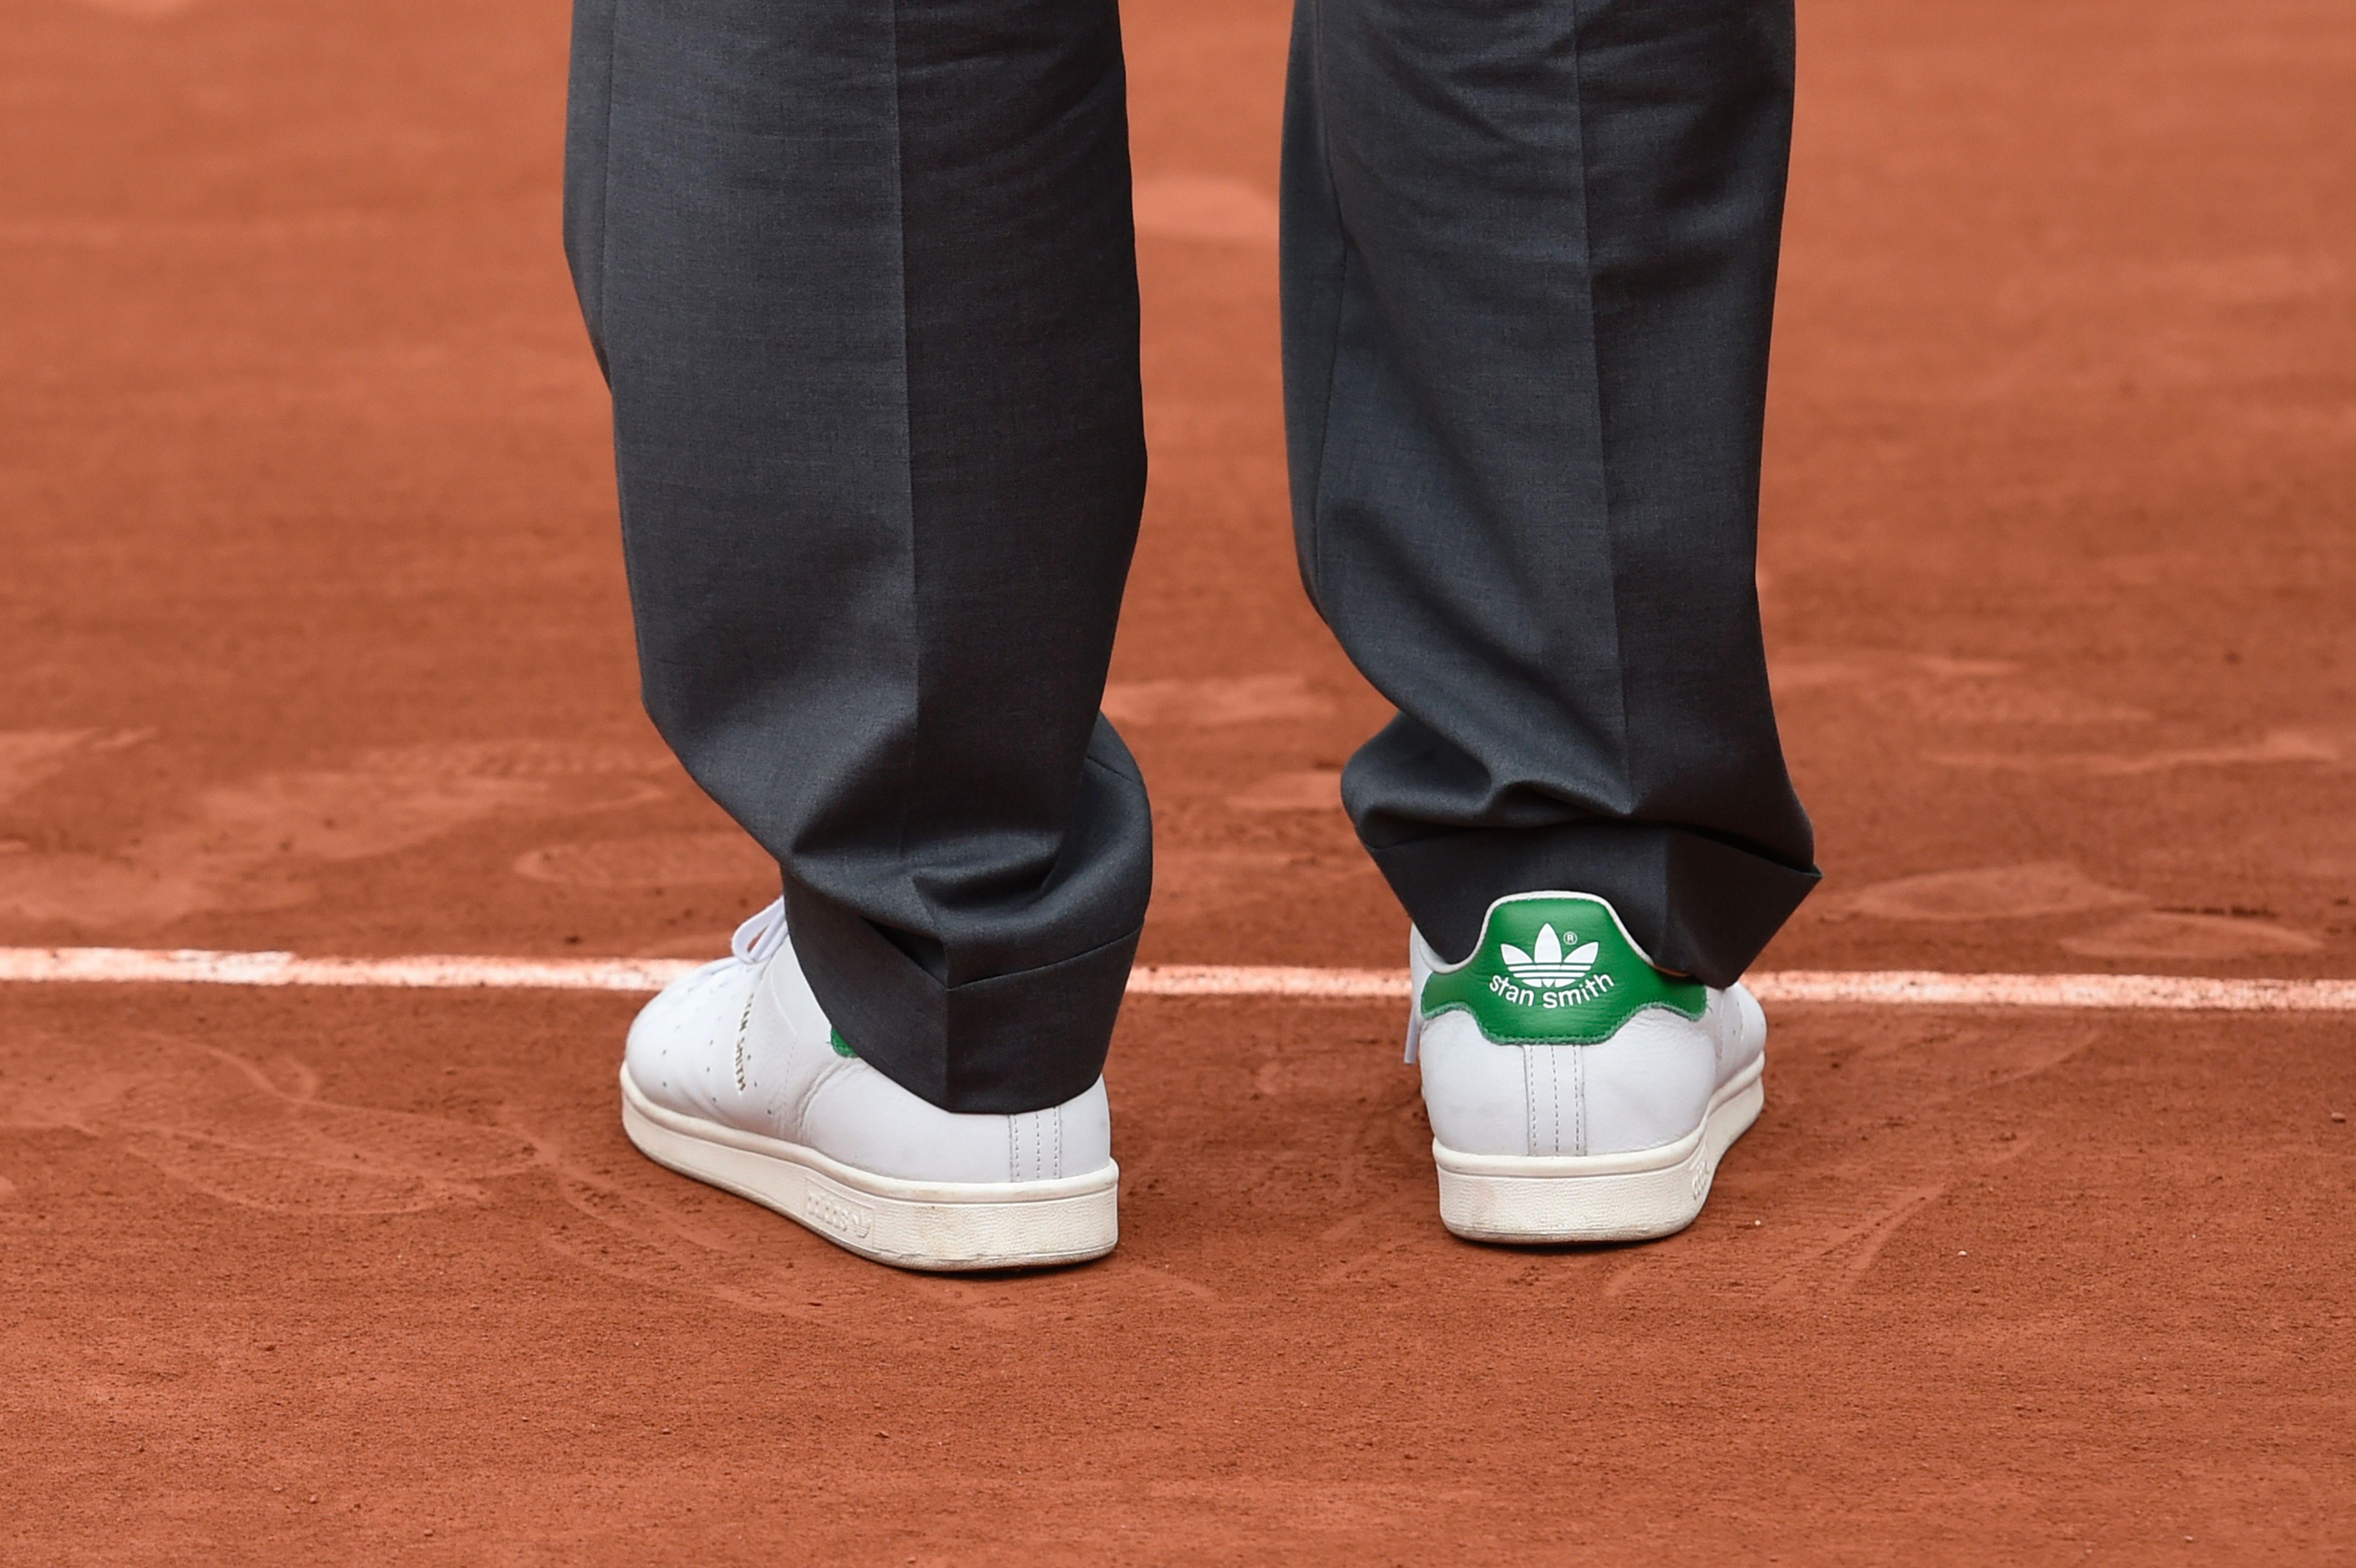 15 Best Tennis Shoes for Men 2020